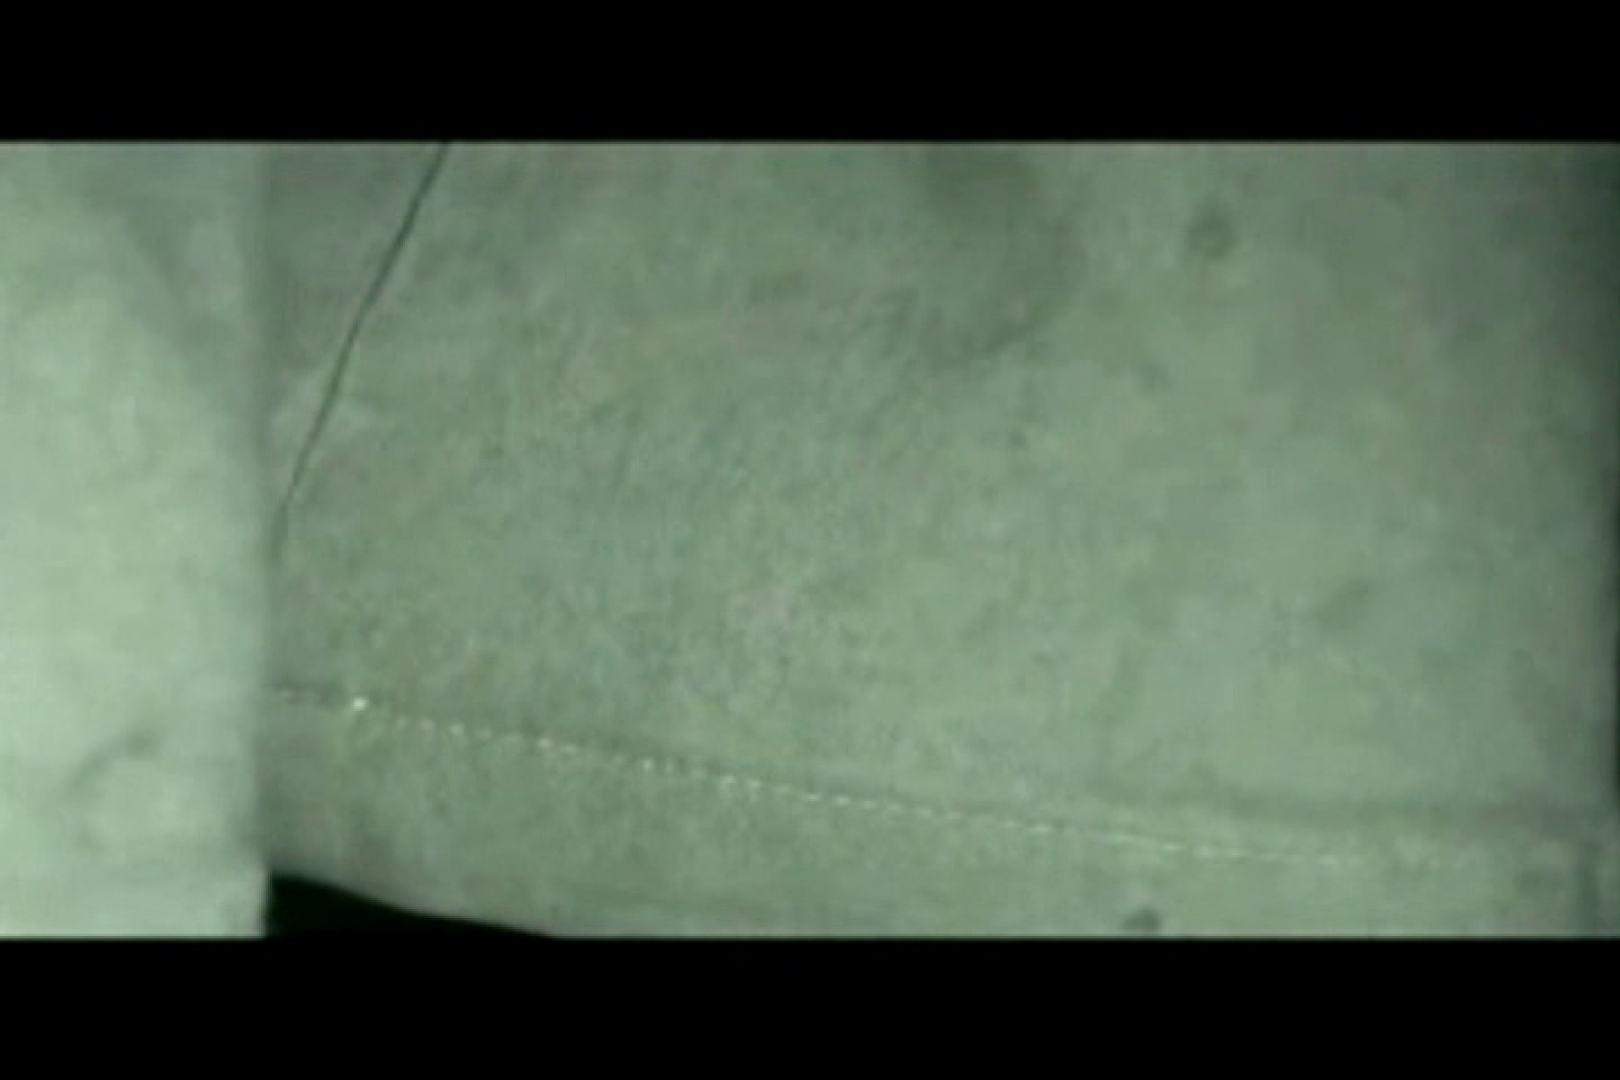 ぼっとん洗面所スペシャルVol.18 洗面所 のぞき濡れ場動画紹介 63PICs 14